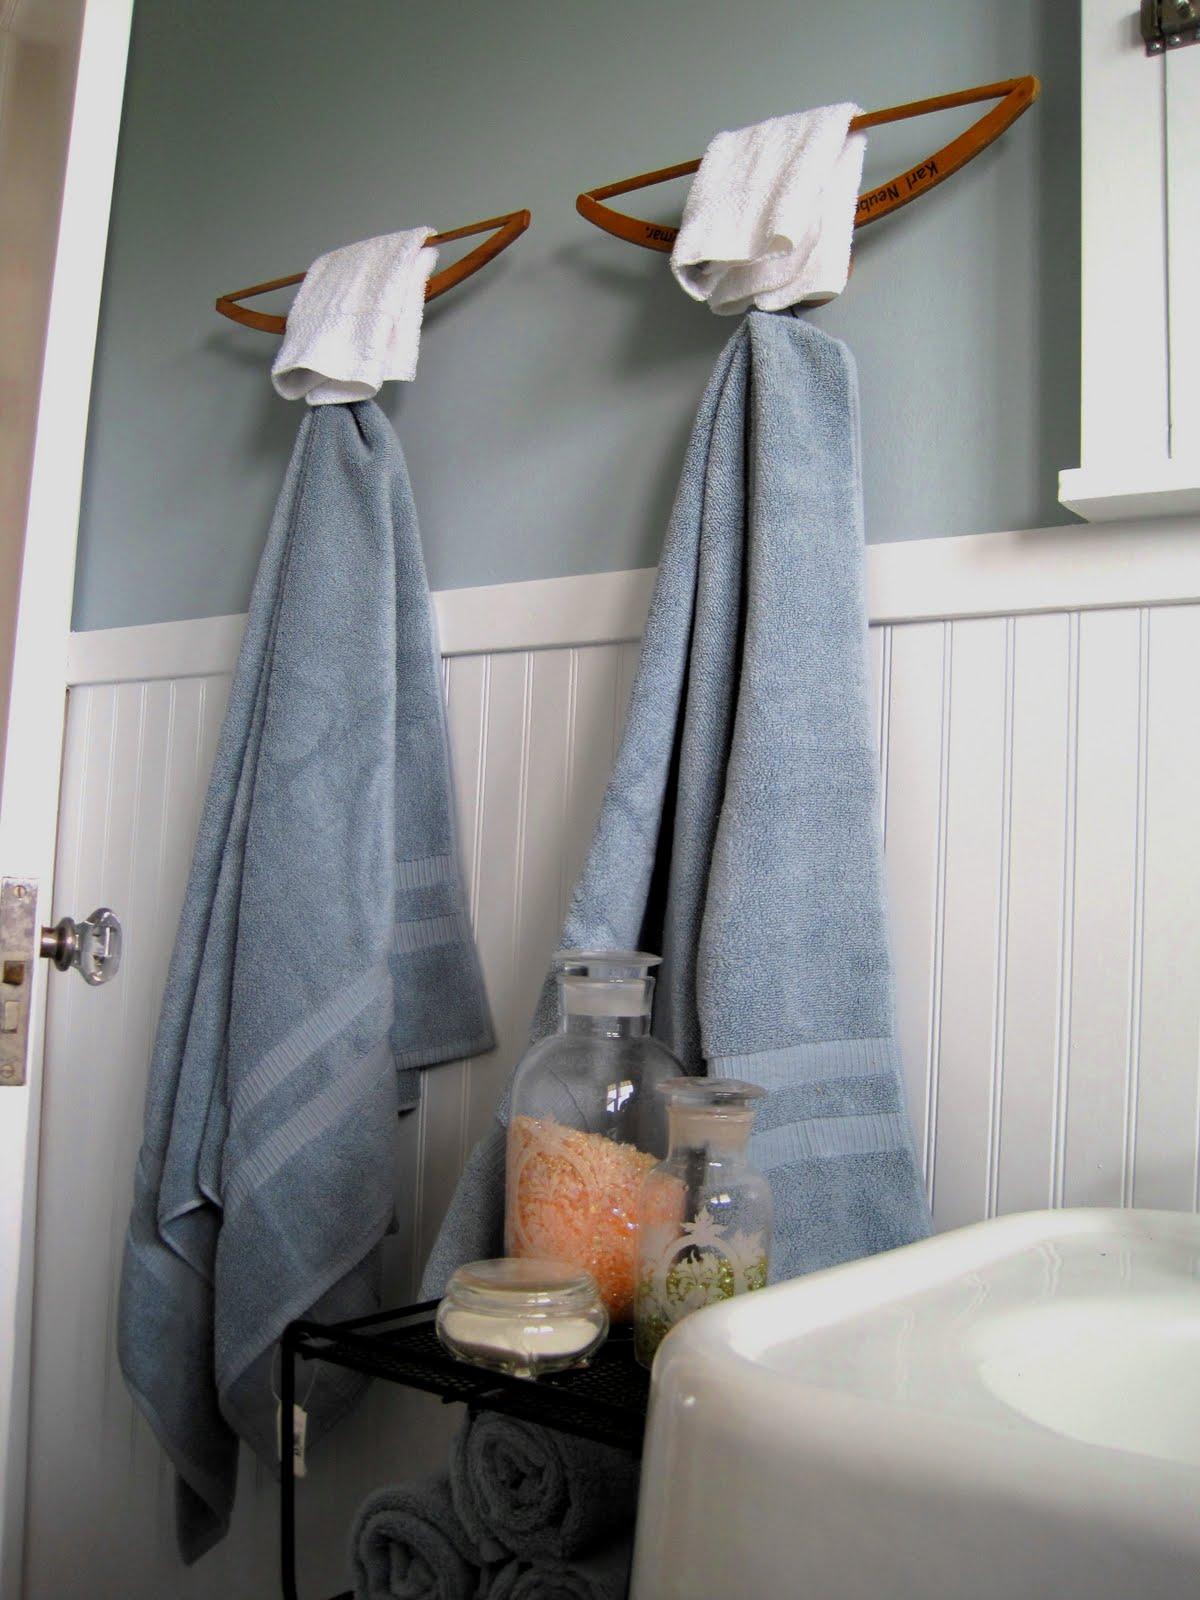 Clothes hanger life hack for DIY towel hook